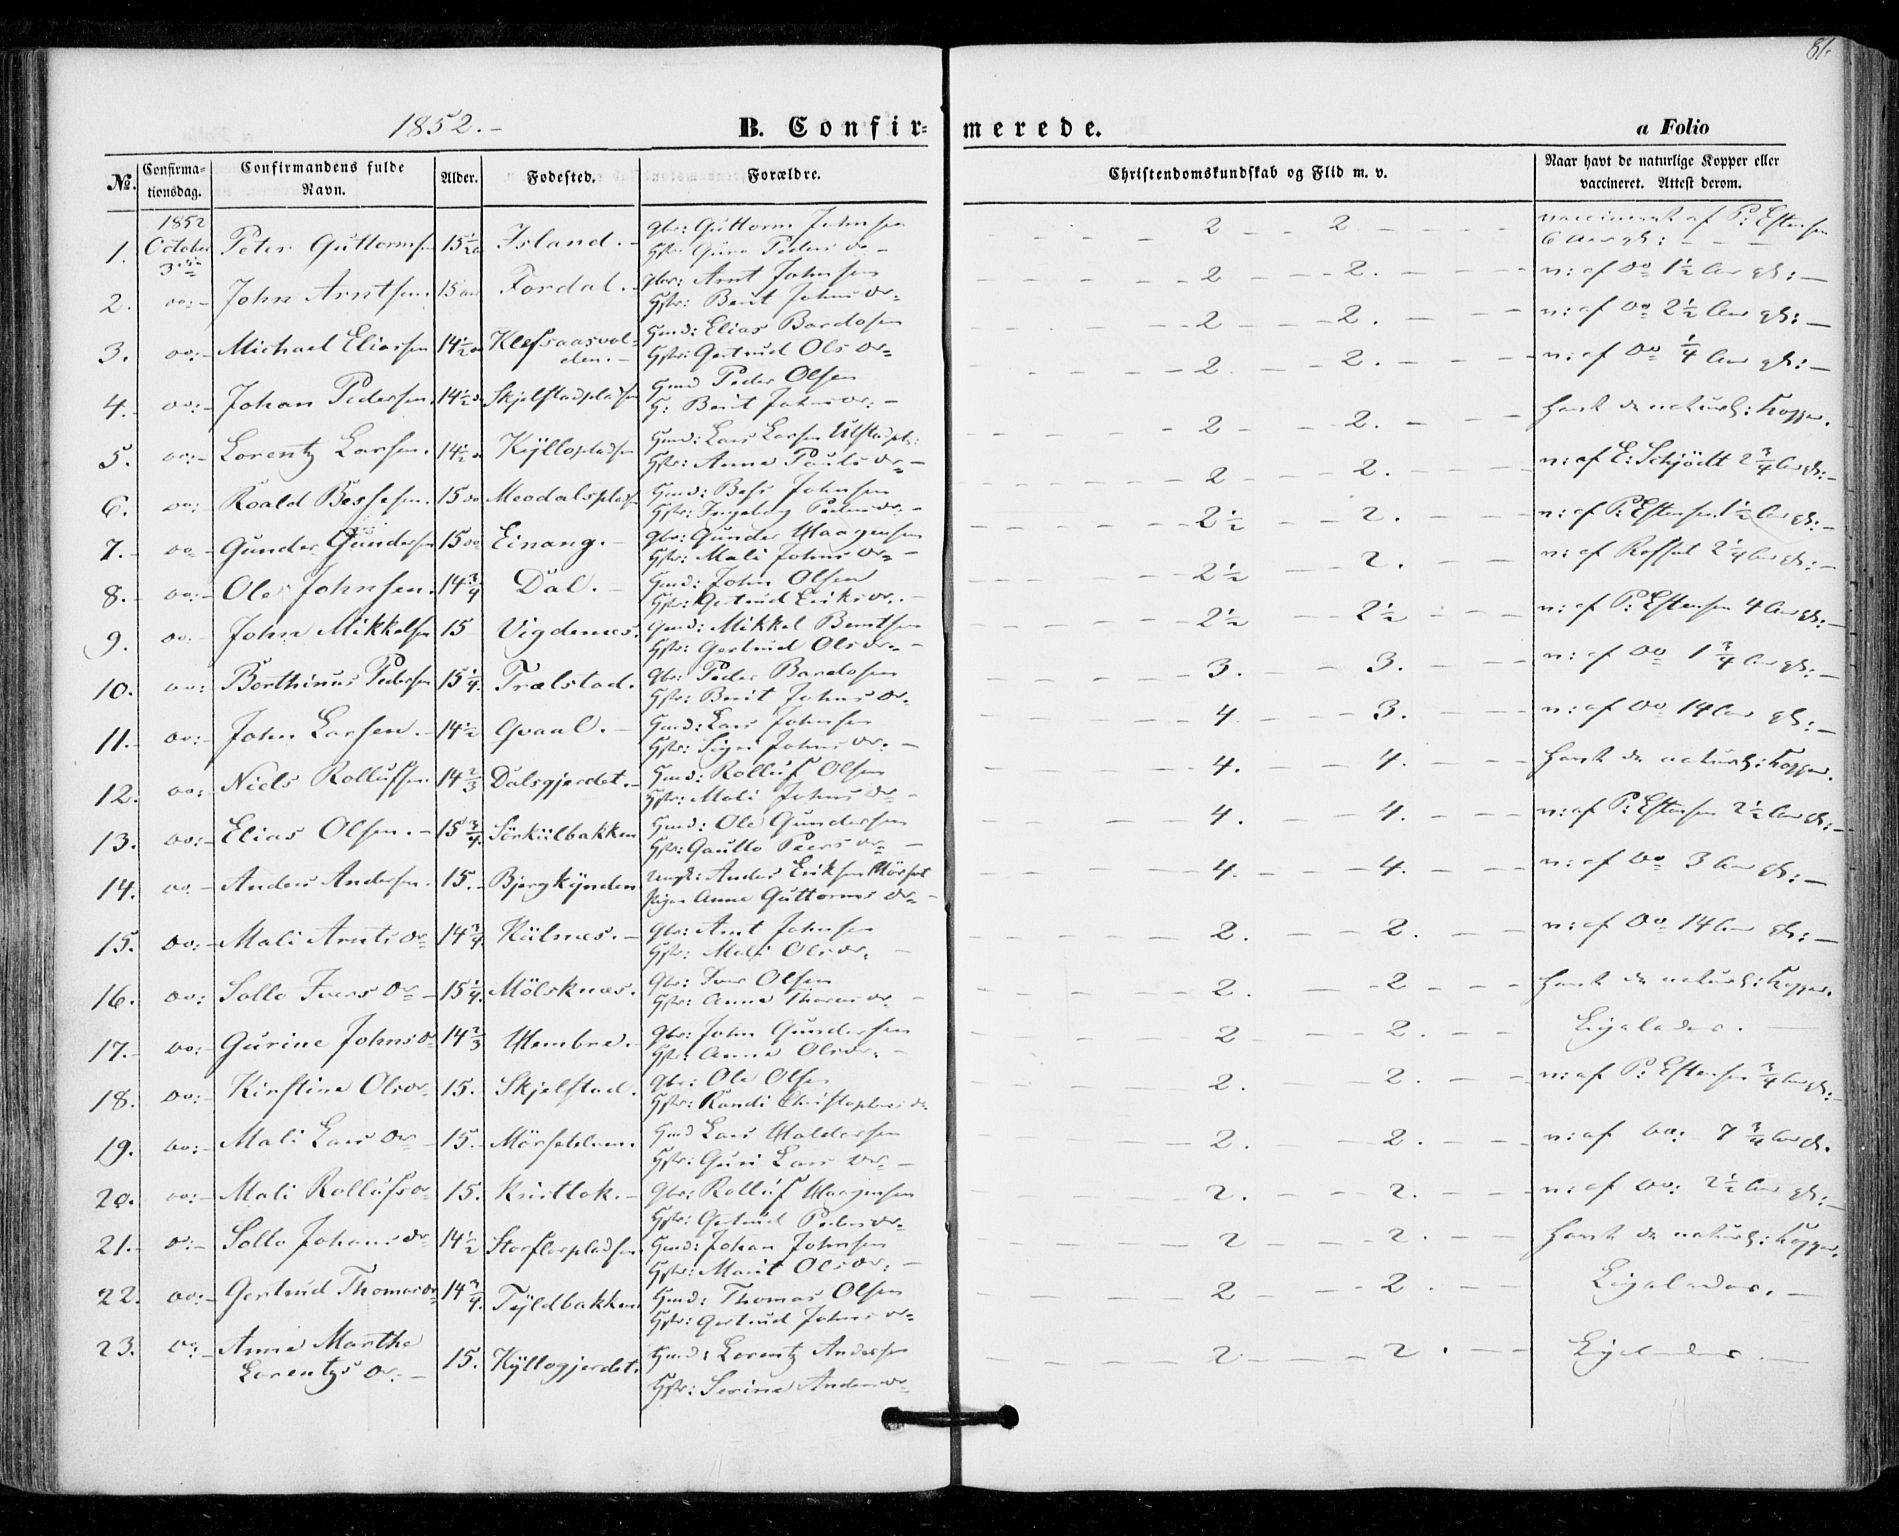 SAT, Ministerialprotokoller, klokkerbøker og fødselsregistre - Nord-Trøndelag, 703/L0028: Ministerialbok nr. 703A01, 1850-1862, s. 81